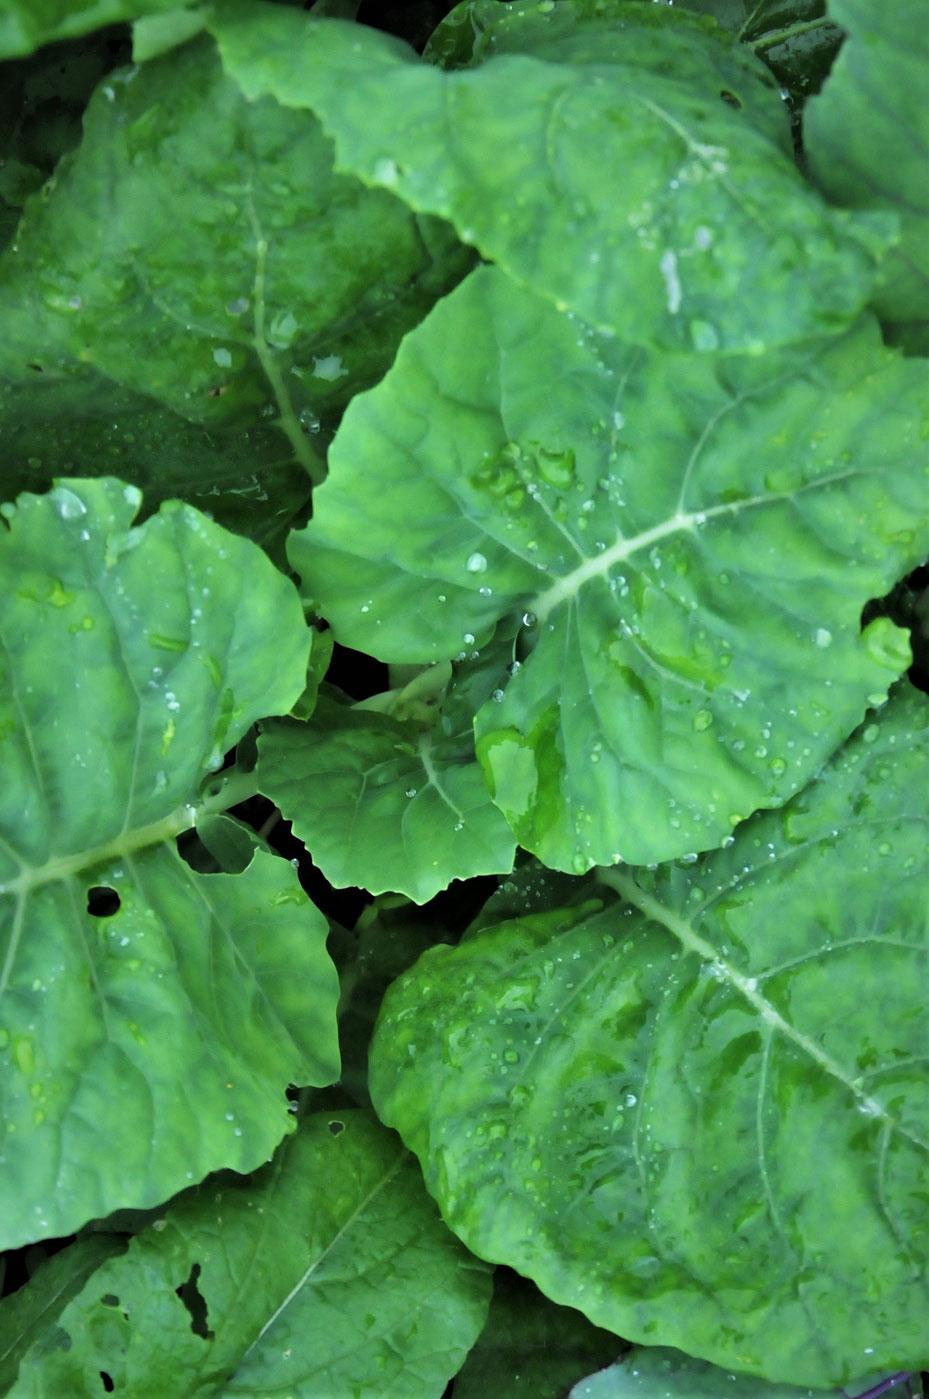 固定種のコラードの無農薬栽培を農業体験できる「さとやま農学校」は神奈川の体験農場で、種取りも学べます。